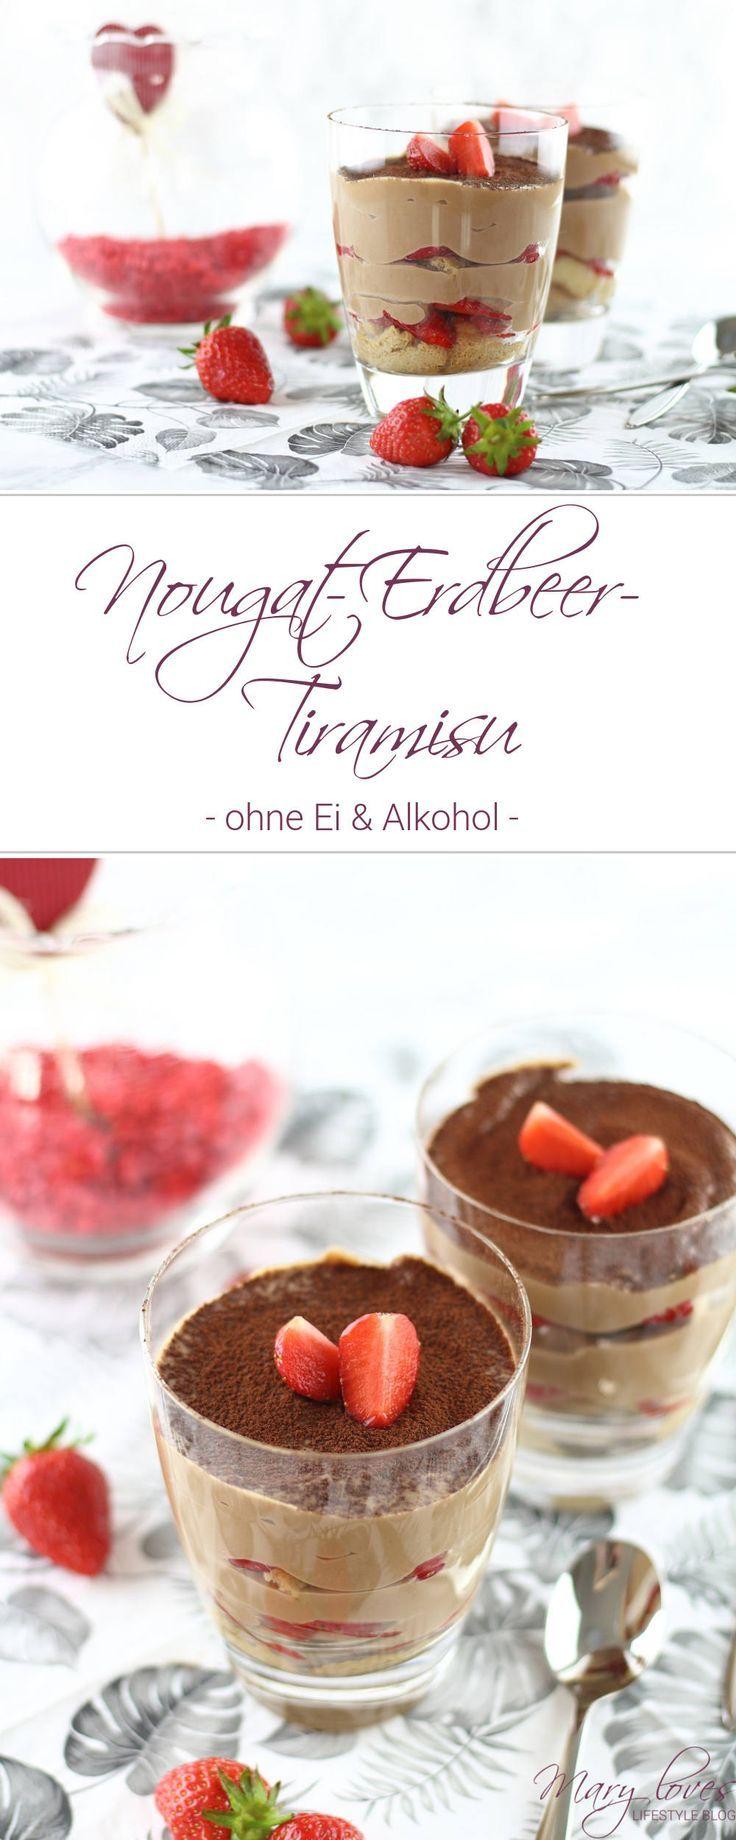 Cremig-fruchtiger Dessert-Traum: Nougat-Erdbeer-Tiramisu ...